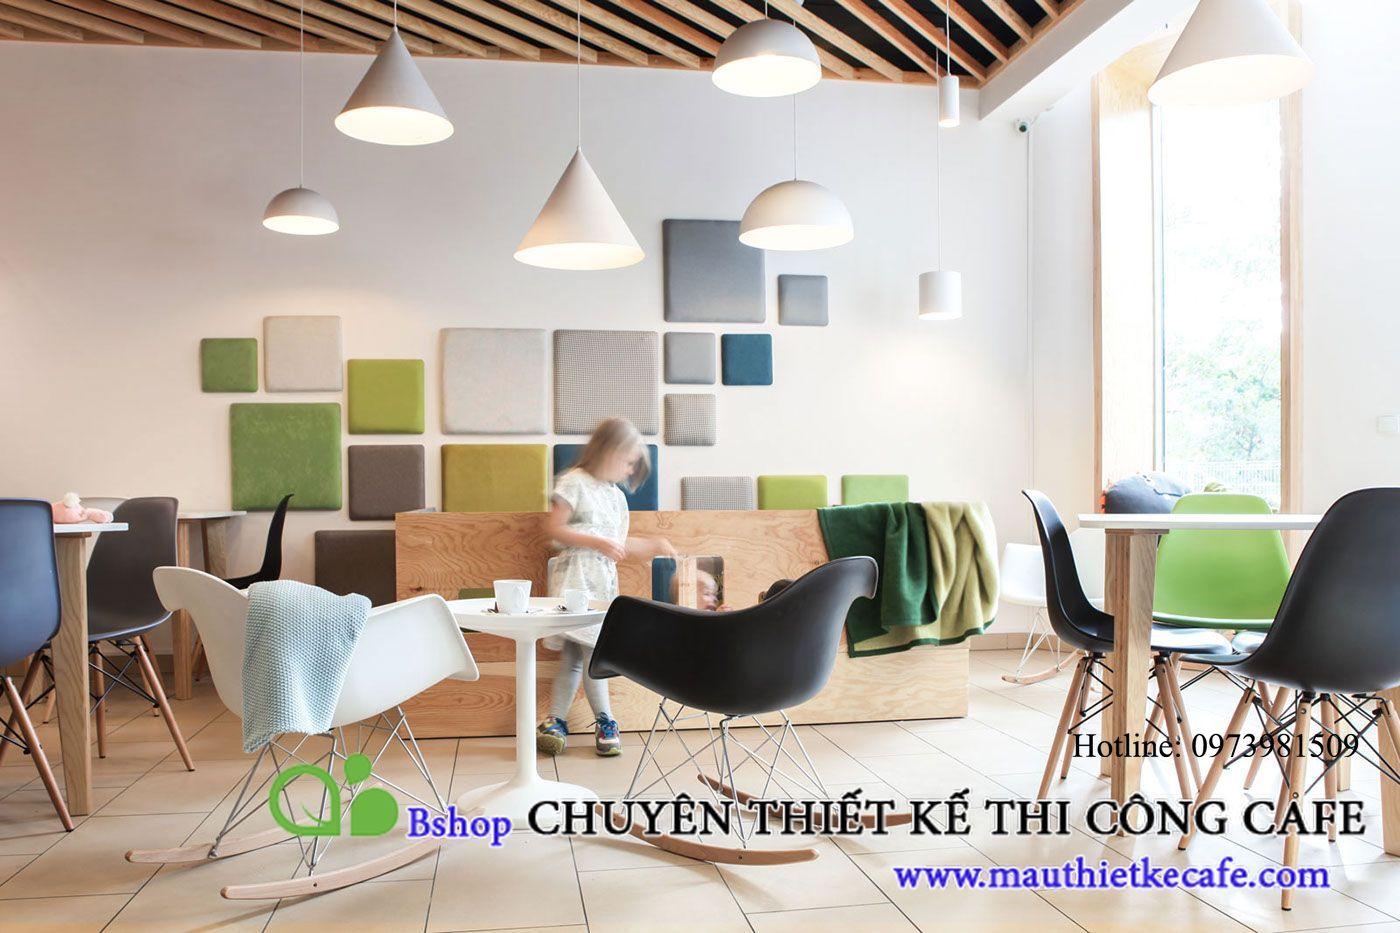 QUAN-CAFE-DANH-CHO-CAC-GIA-DINH-TRE (6)_MAUTHIETKECAFE.COM